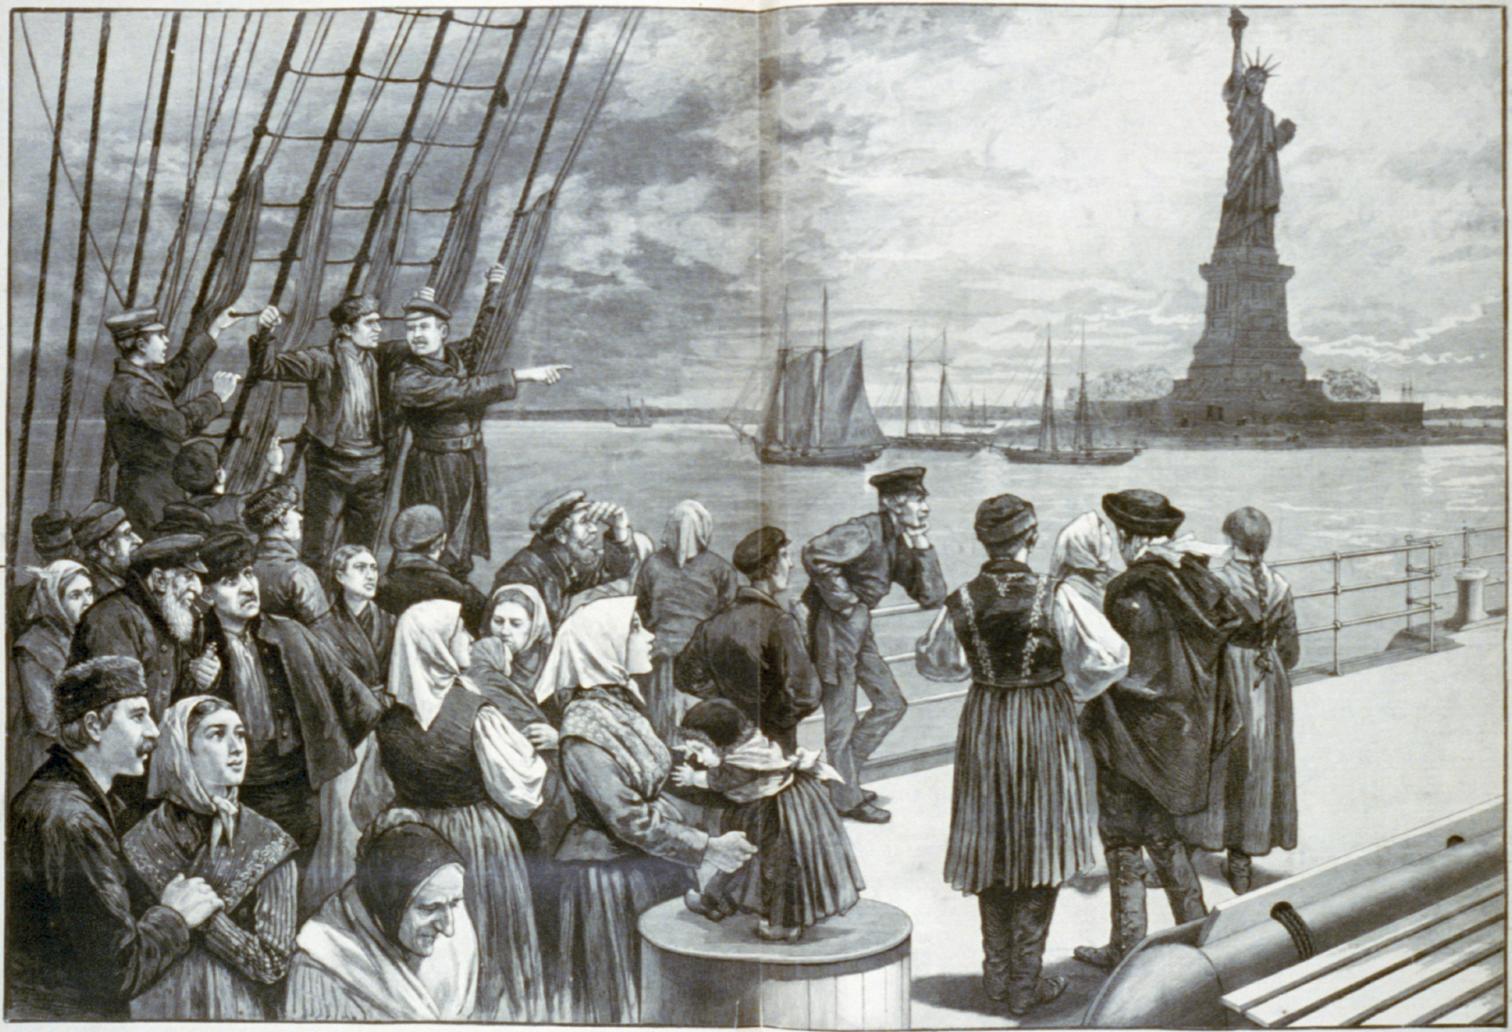 Bildresultat för yiddish newspaper USA 1900